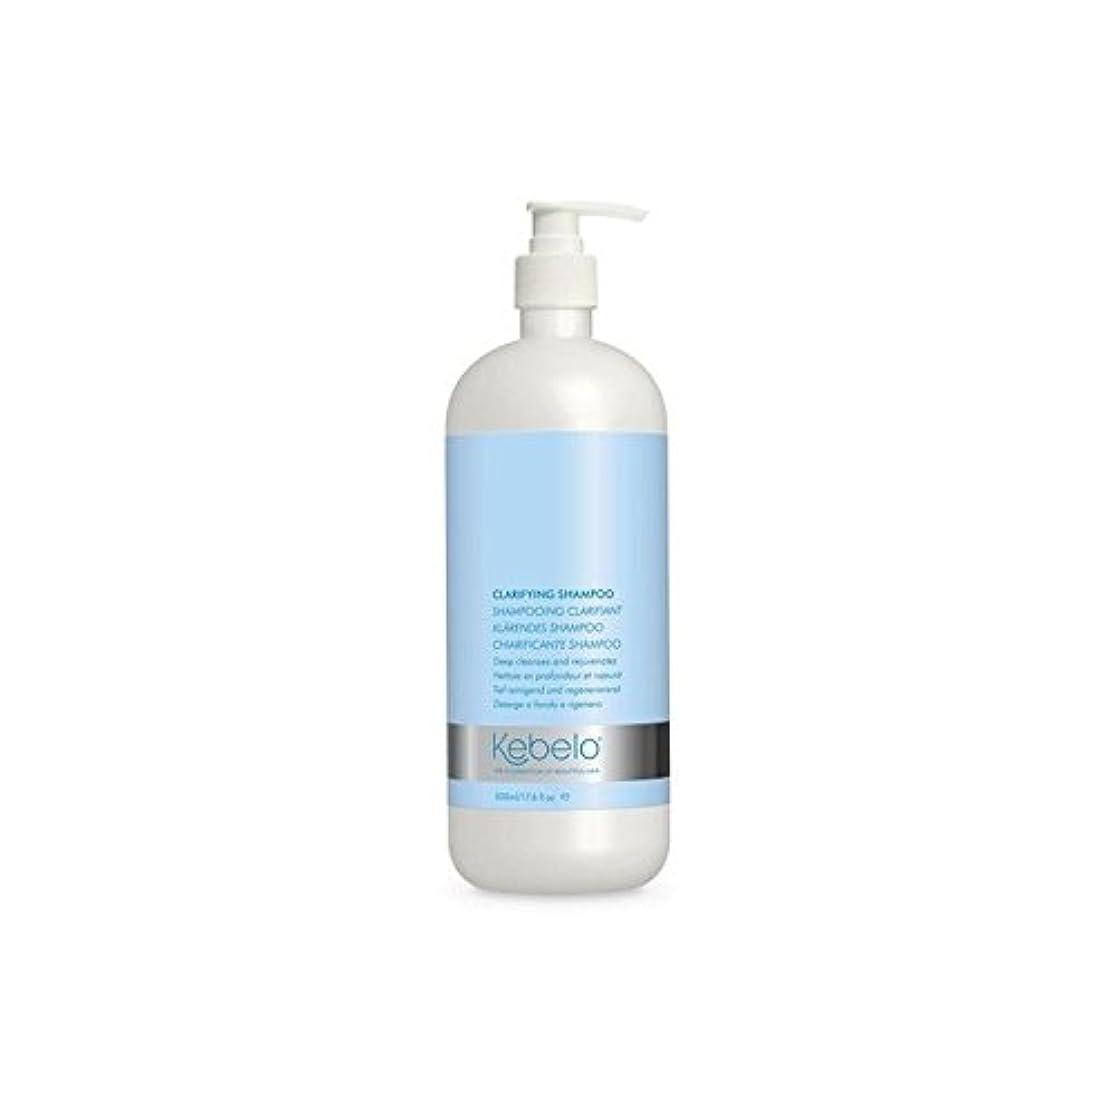 翻訳者渇きクラフト明確化シャンプー(500ミリリットル) x2 - Kebelo Clarifying Shampoo (500ml) (Pack of 2) [並行輸入品]